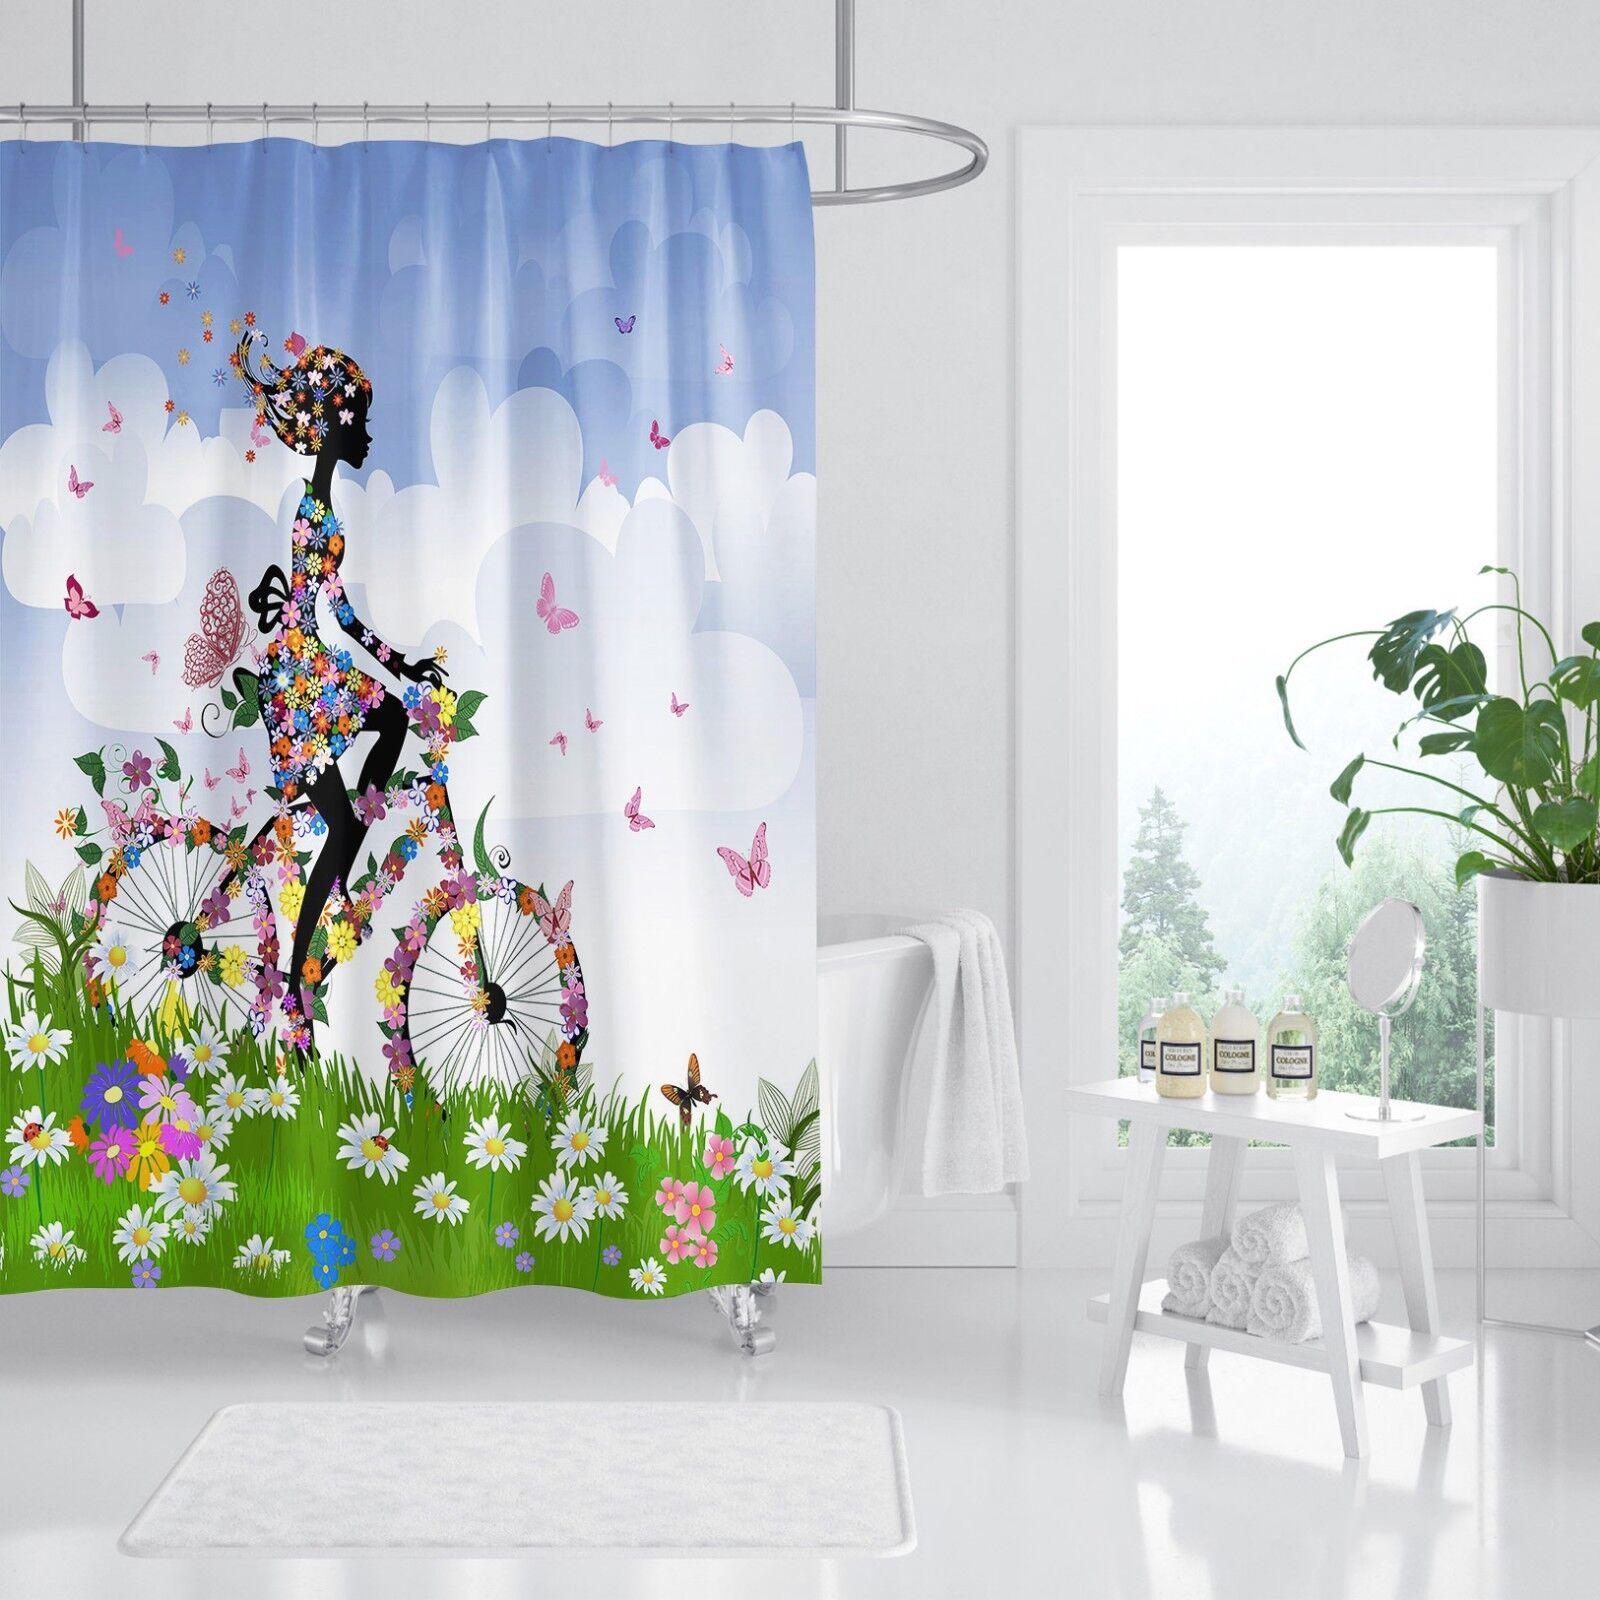 3D Fille Vélo Pelouse 9 Rideau de Douche Imperméable Fibre Salle de Bain Home Windows Toilette